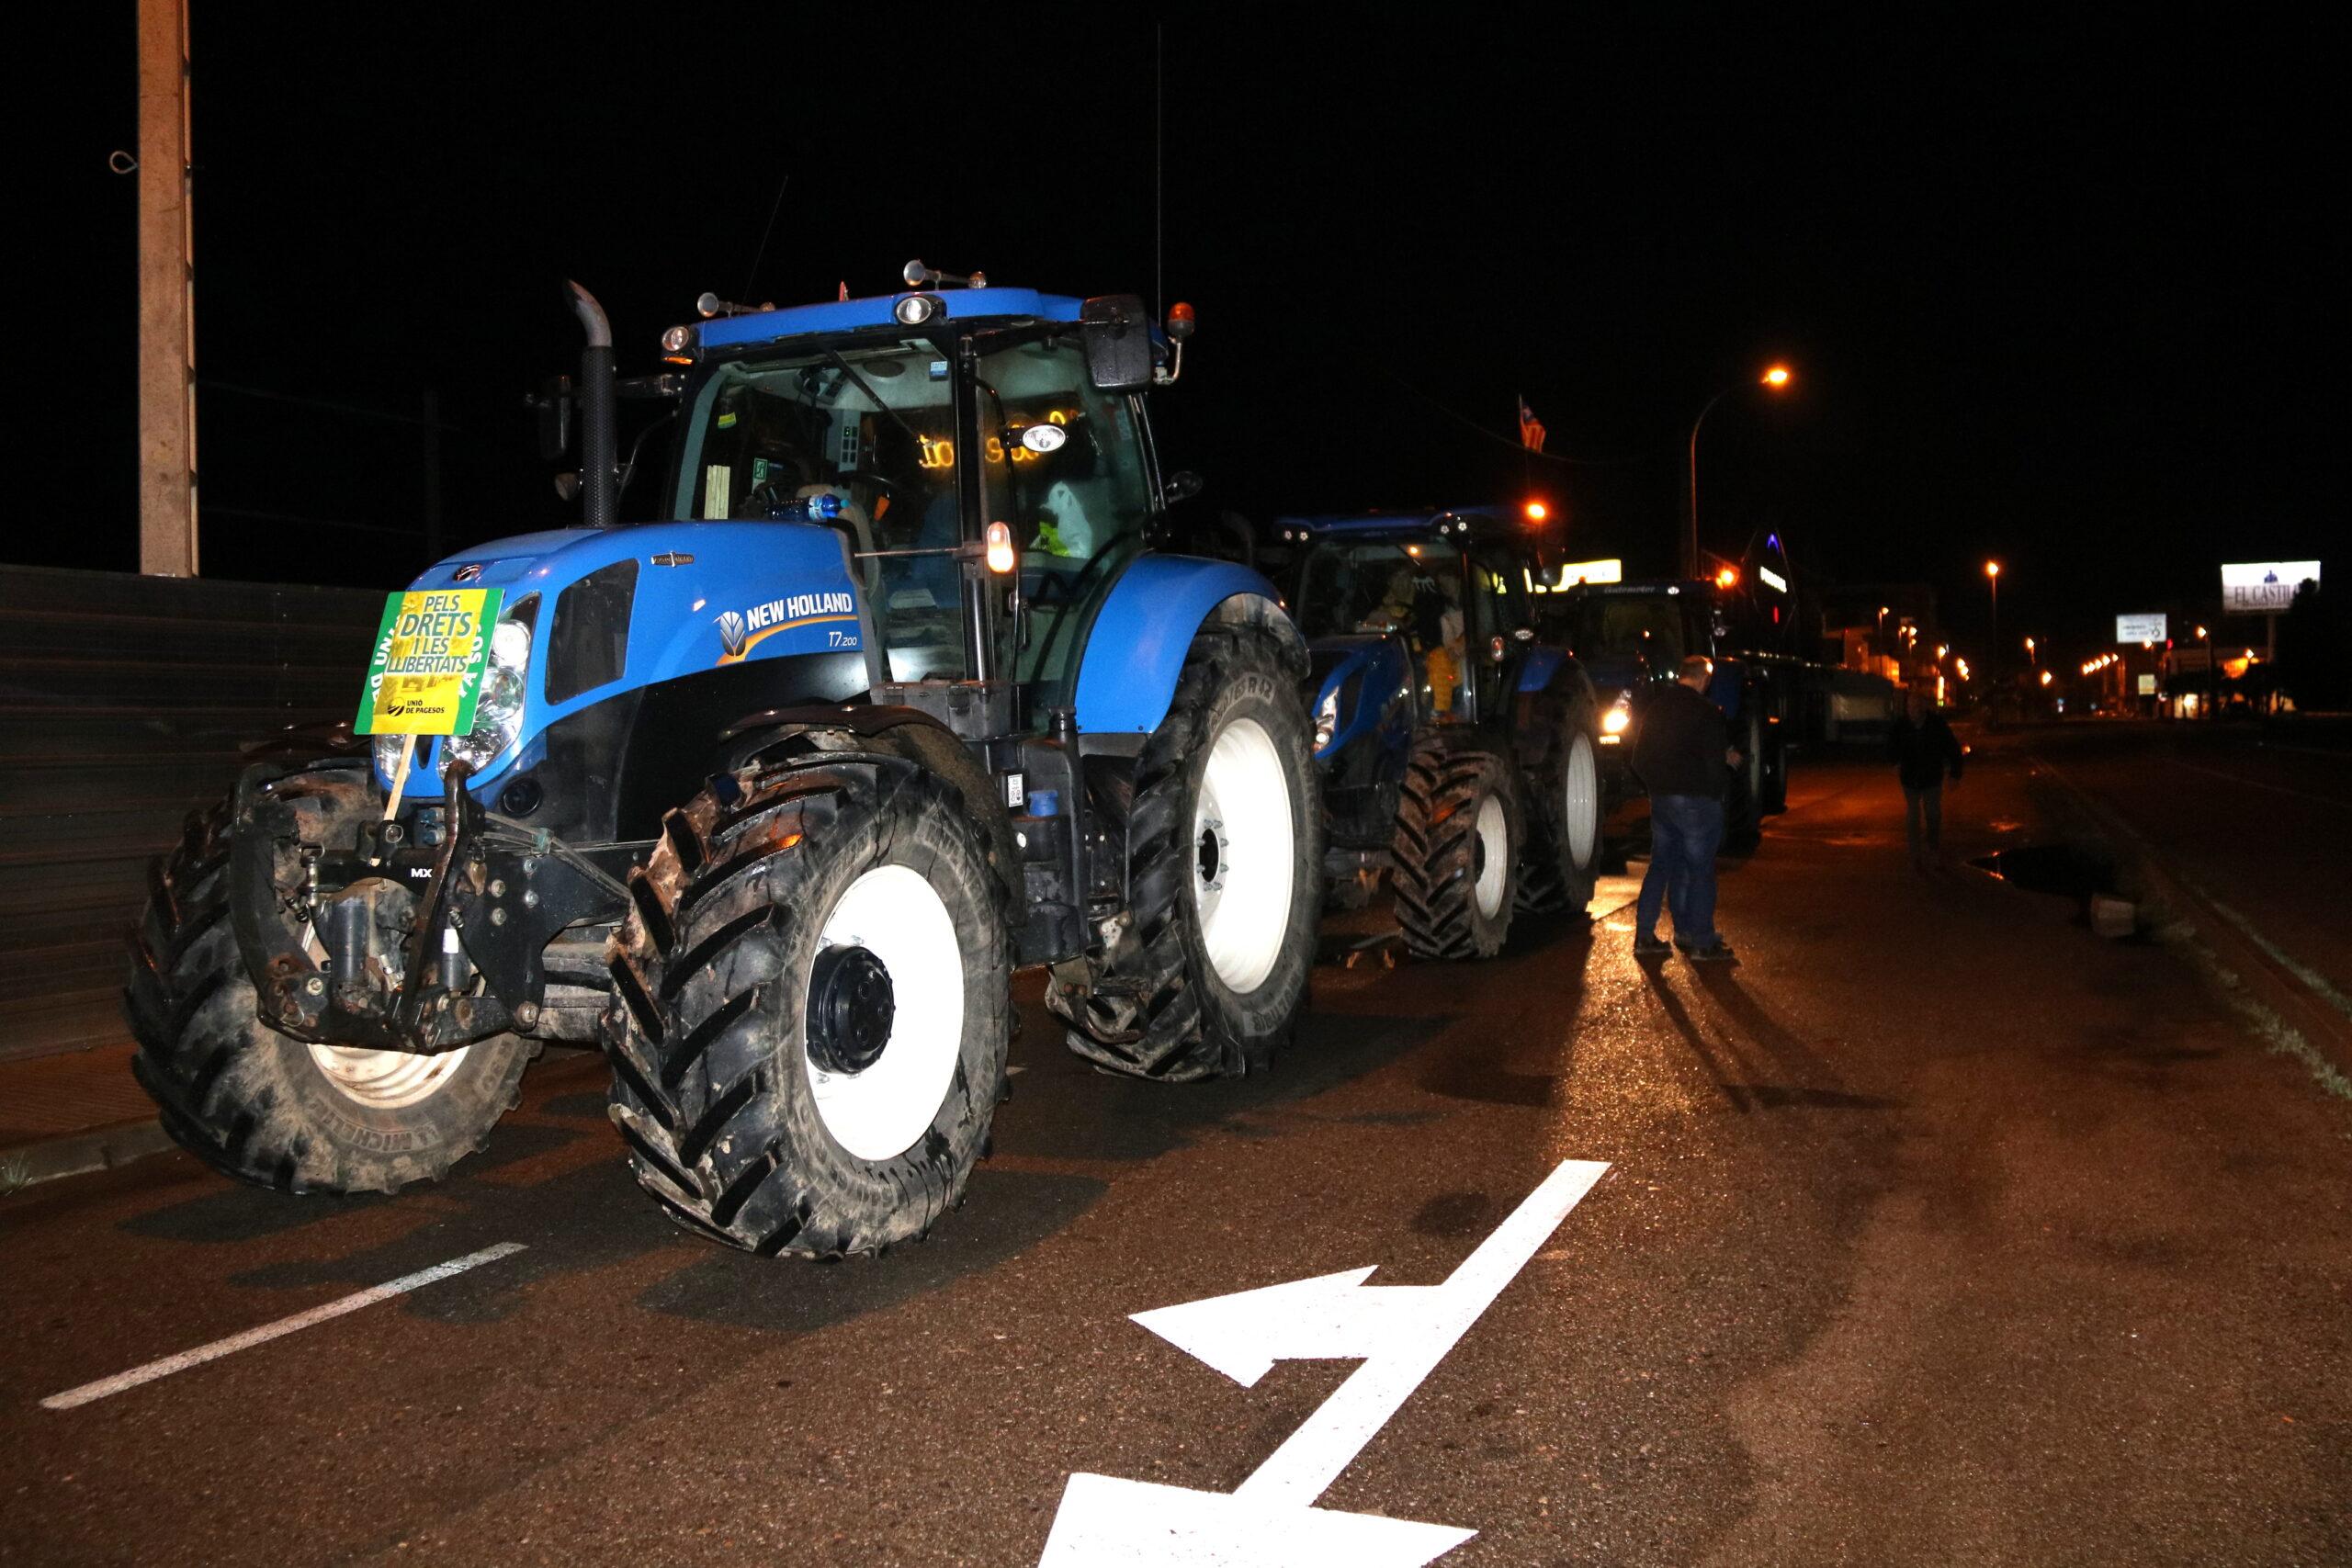 Pla general d'un dels tractors participants a la tractorada d'Unió de Pagesos a Mollerussa, el 21 de desembre de 2019. (Horitzontal)